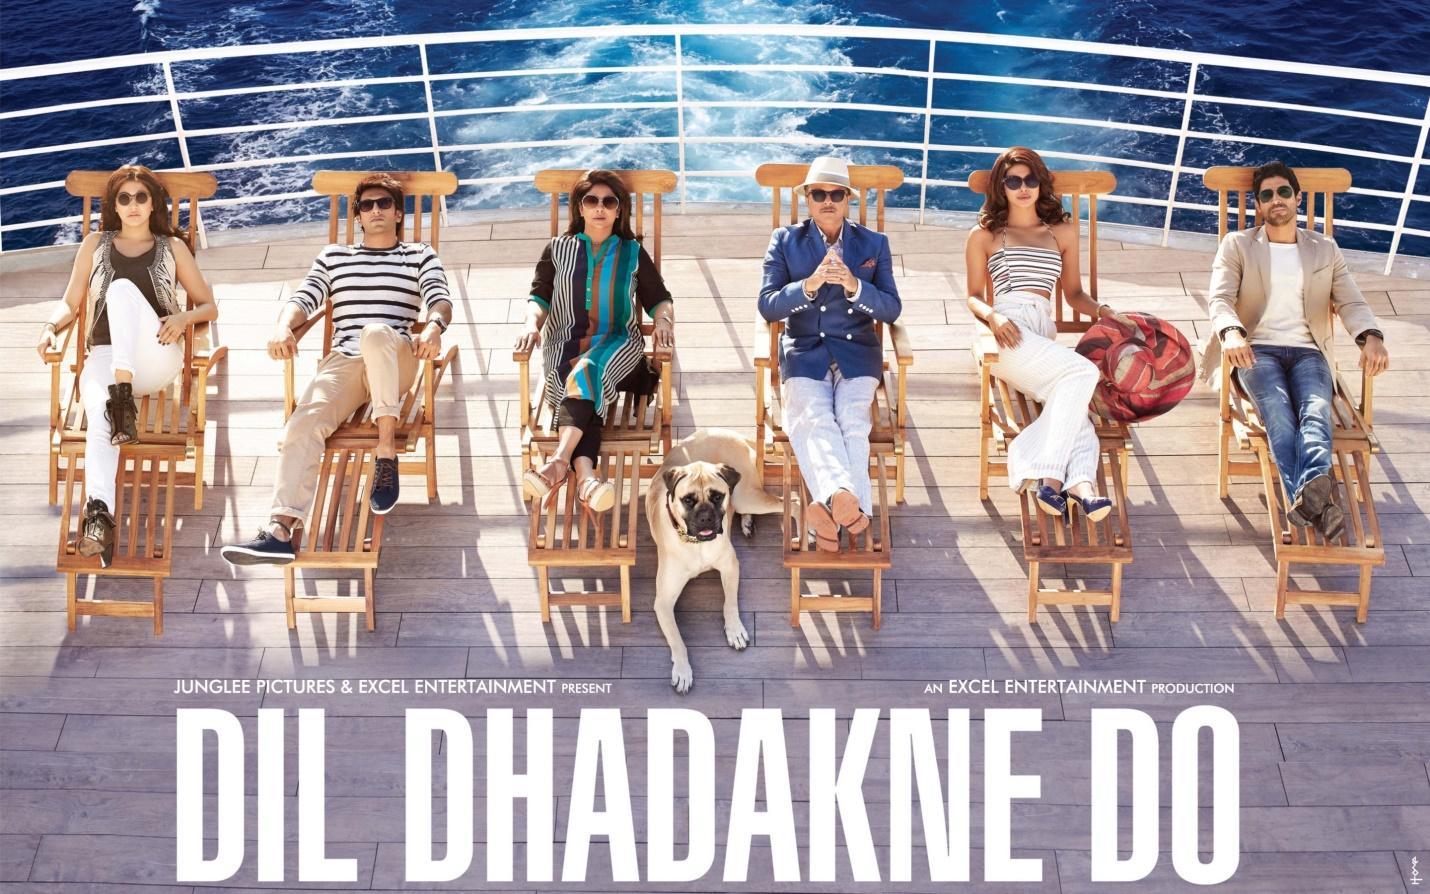 http://www.hdwallpapers.in/walls/dil_dhadakne_do_movie-wide.jpg